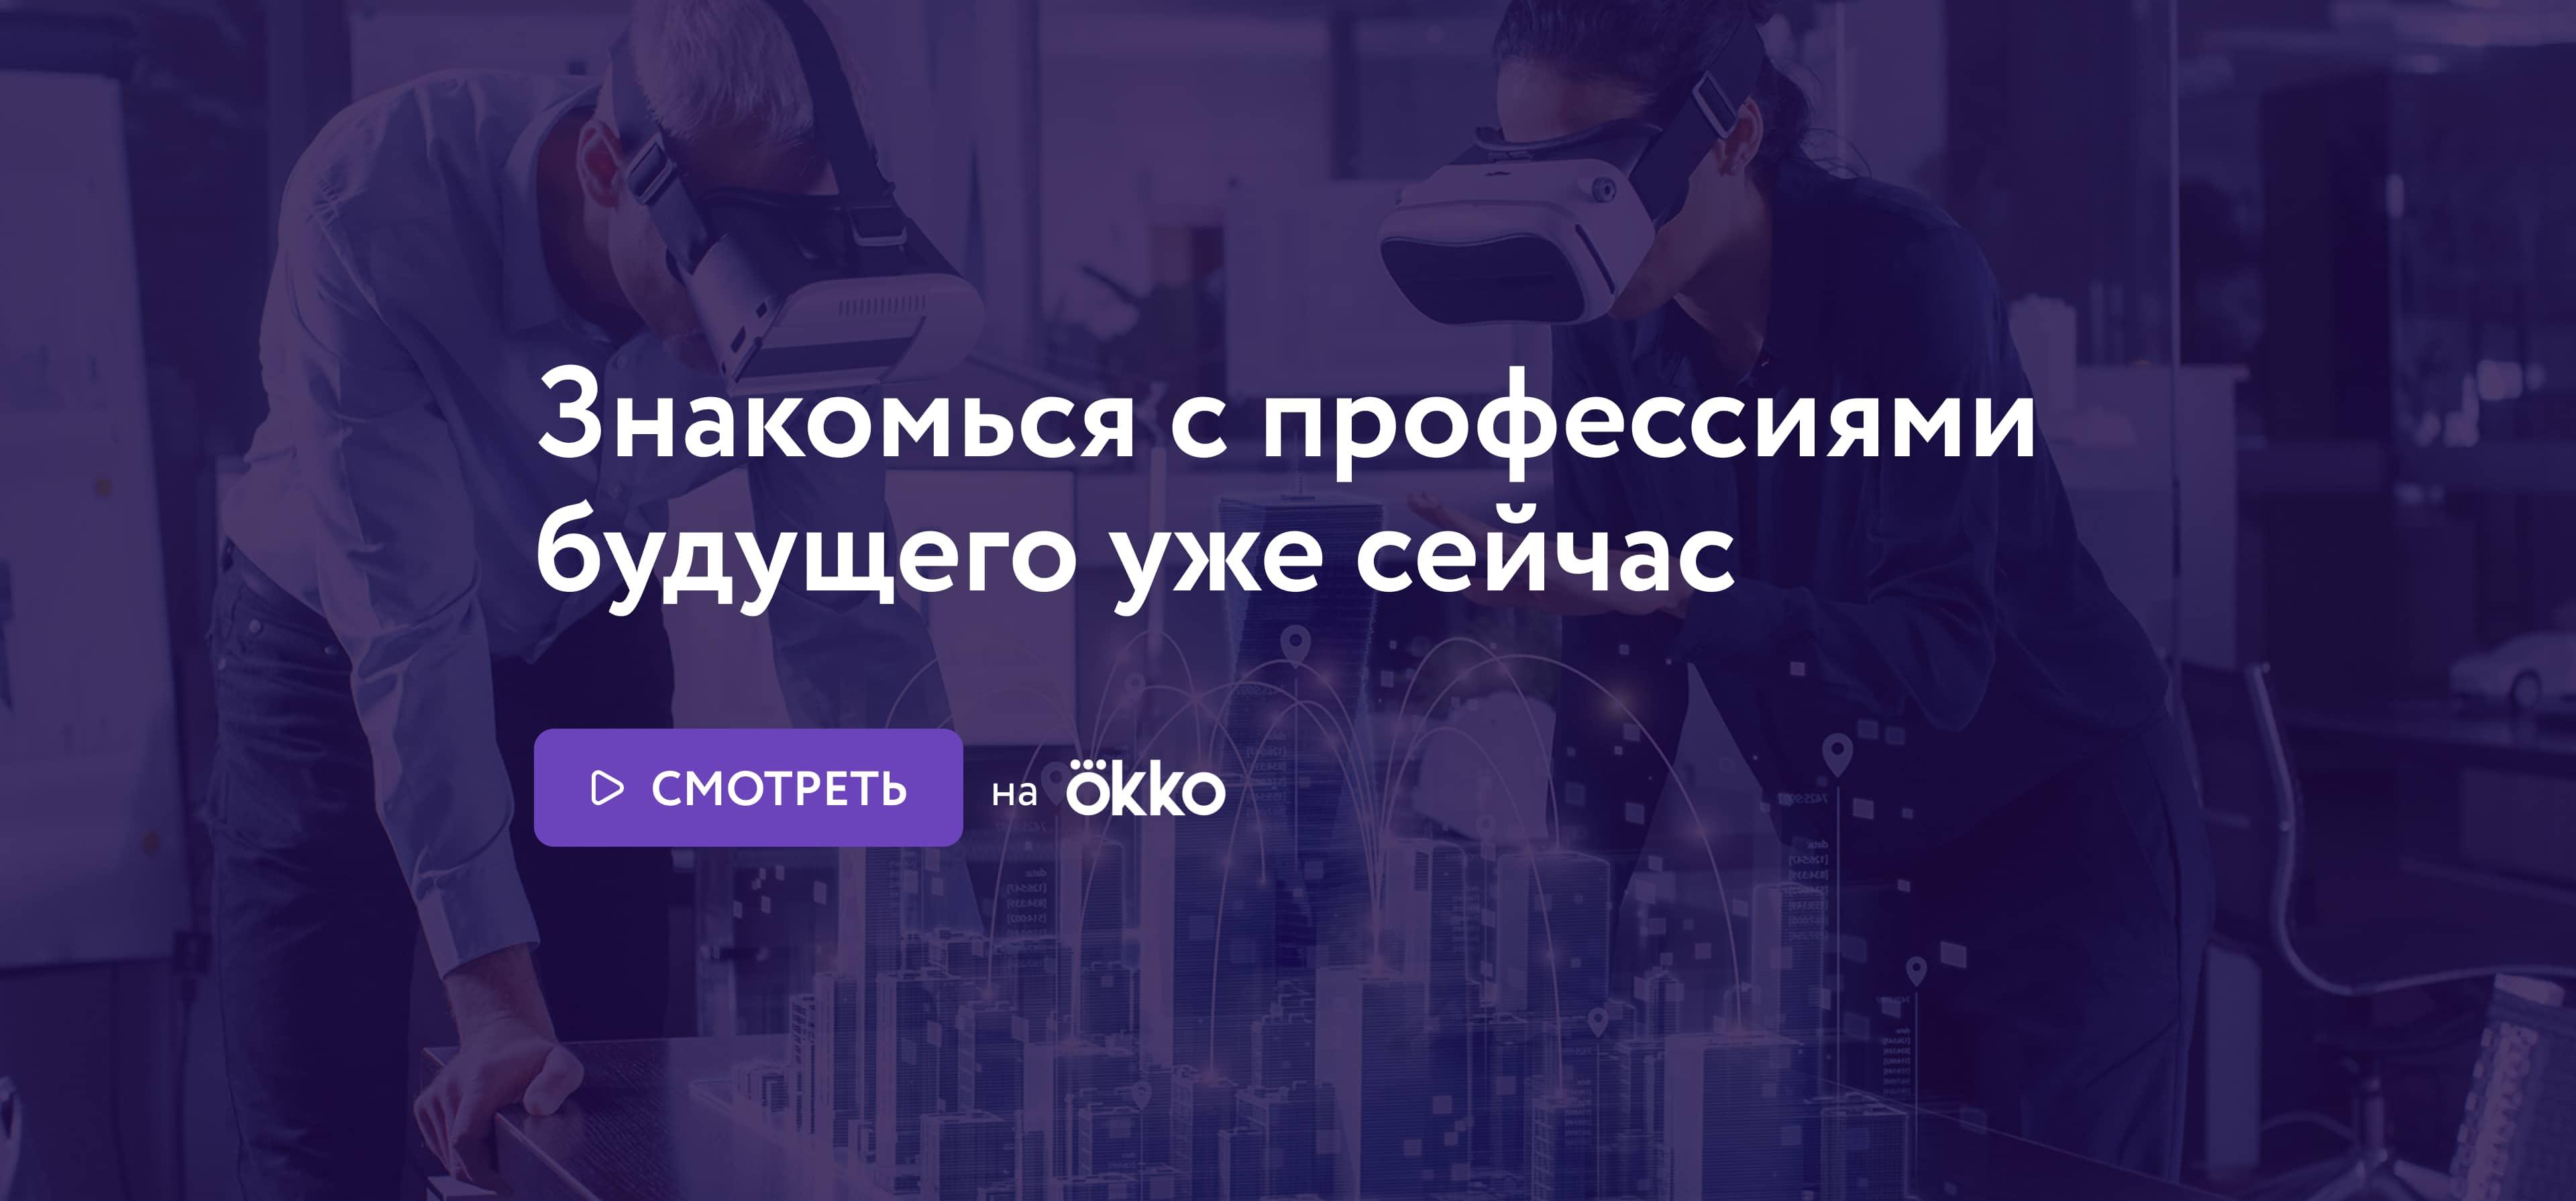 «Профессии будущего» смотреть онлайнй